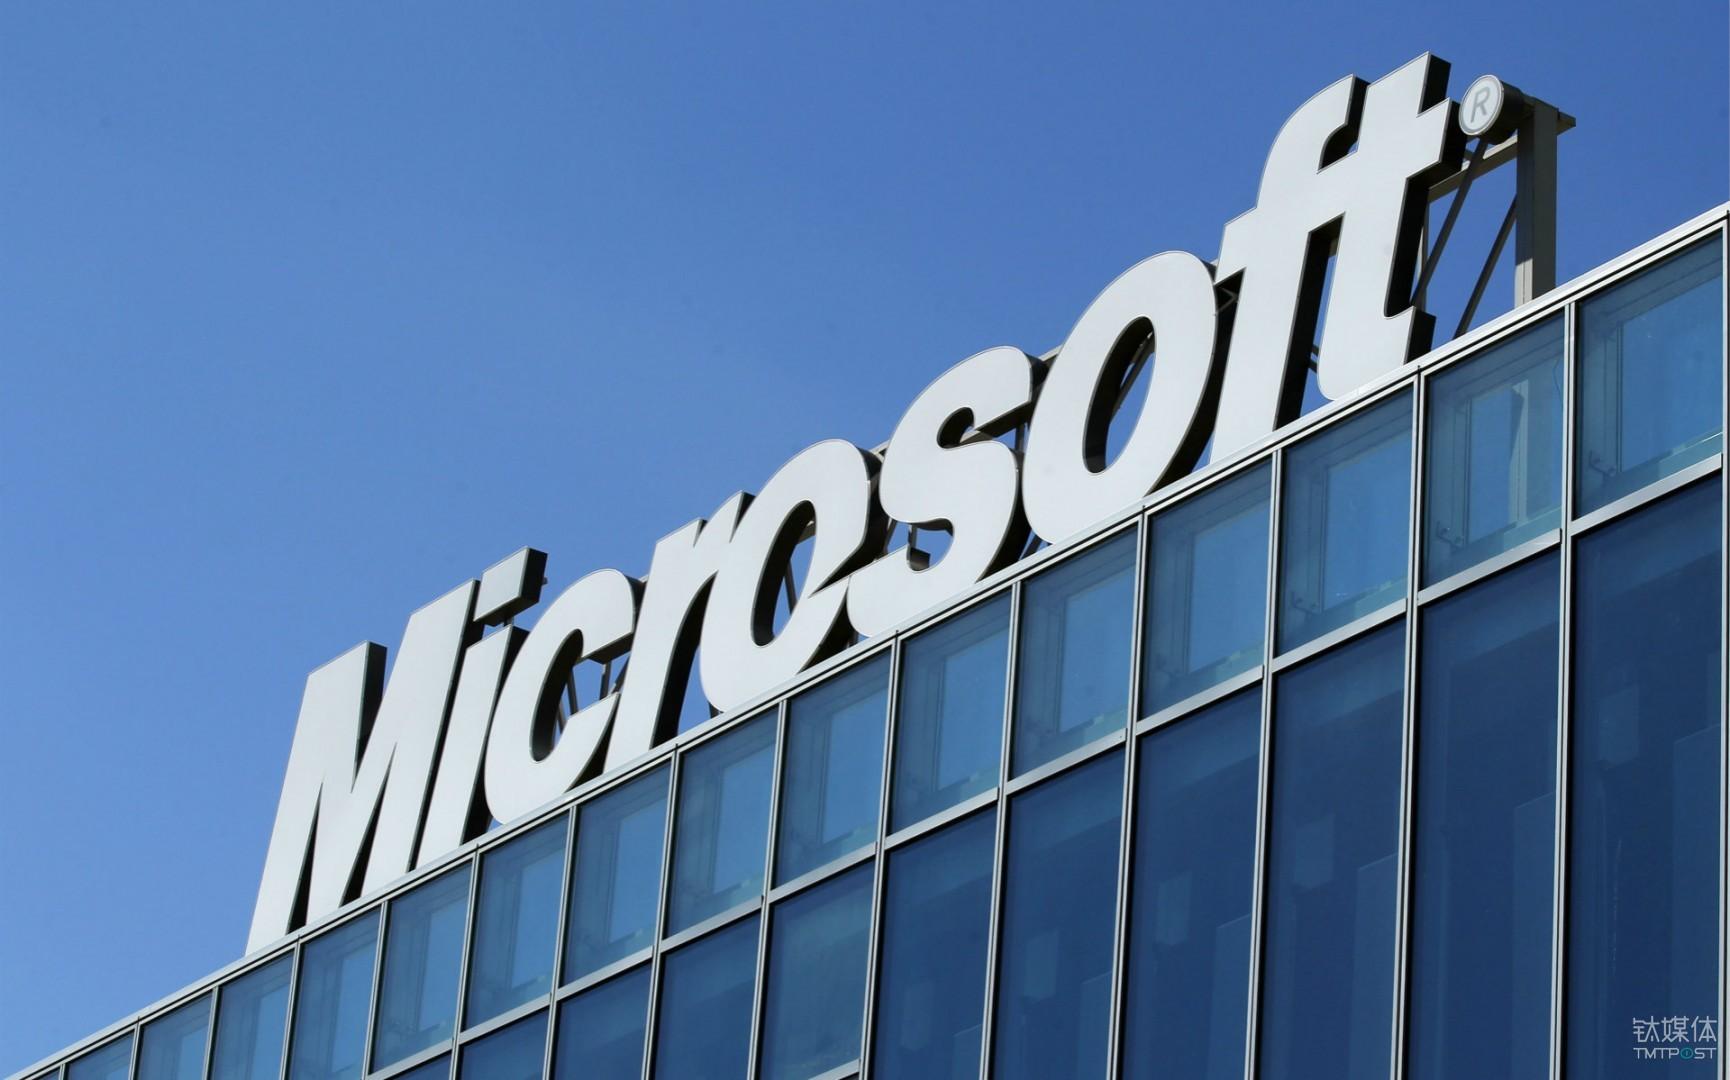 【钛晨报】微软Bing将禁止所有比特币及其他加密货币广告